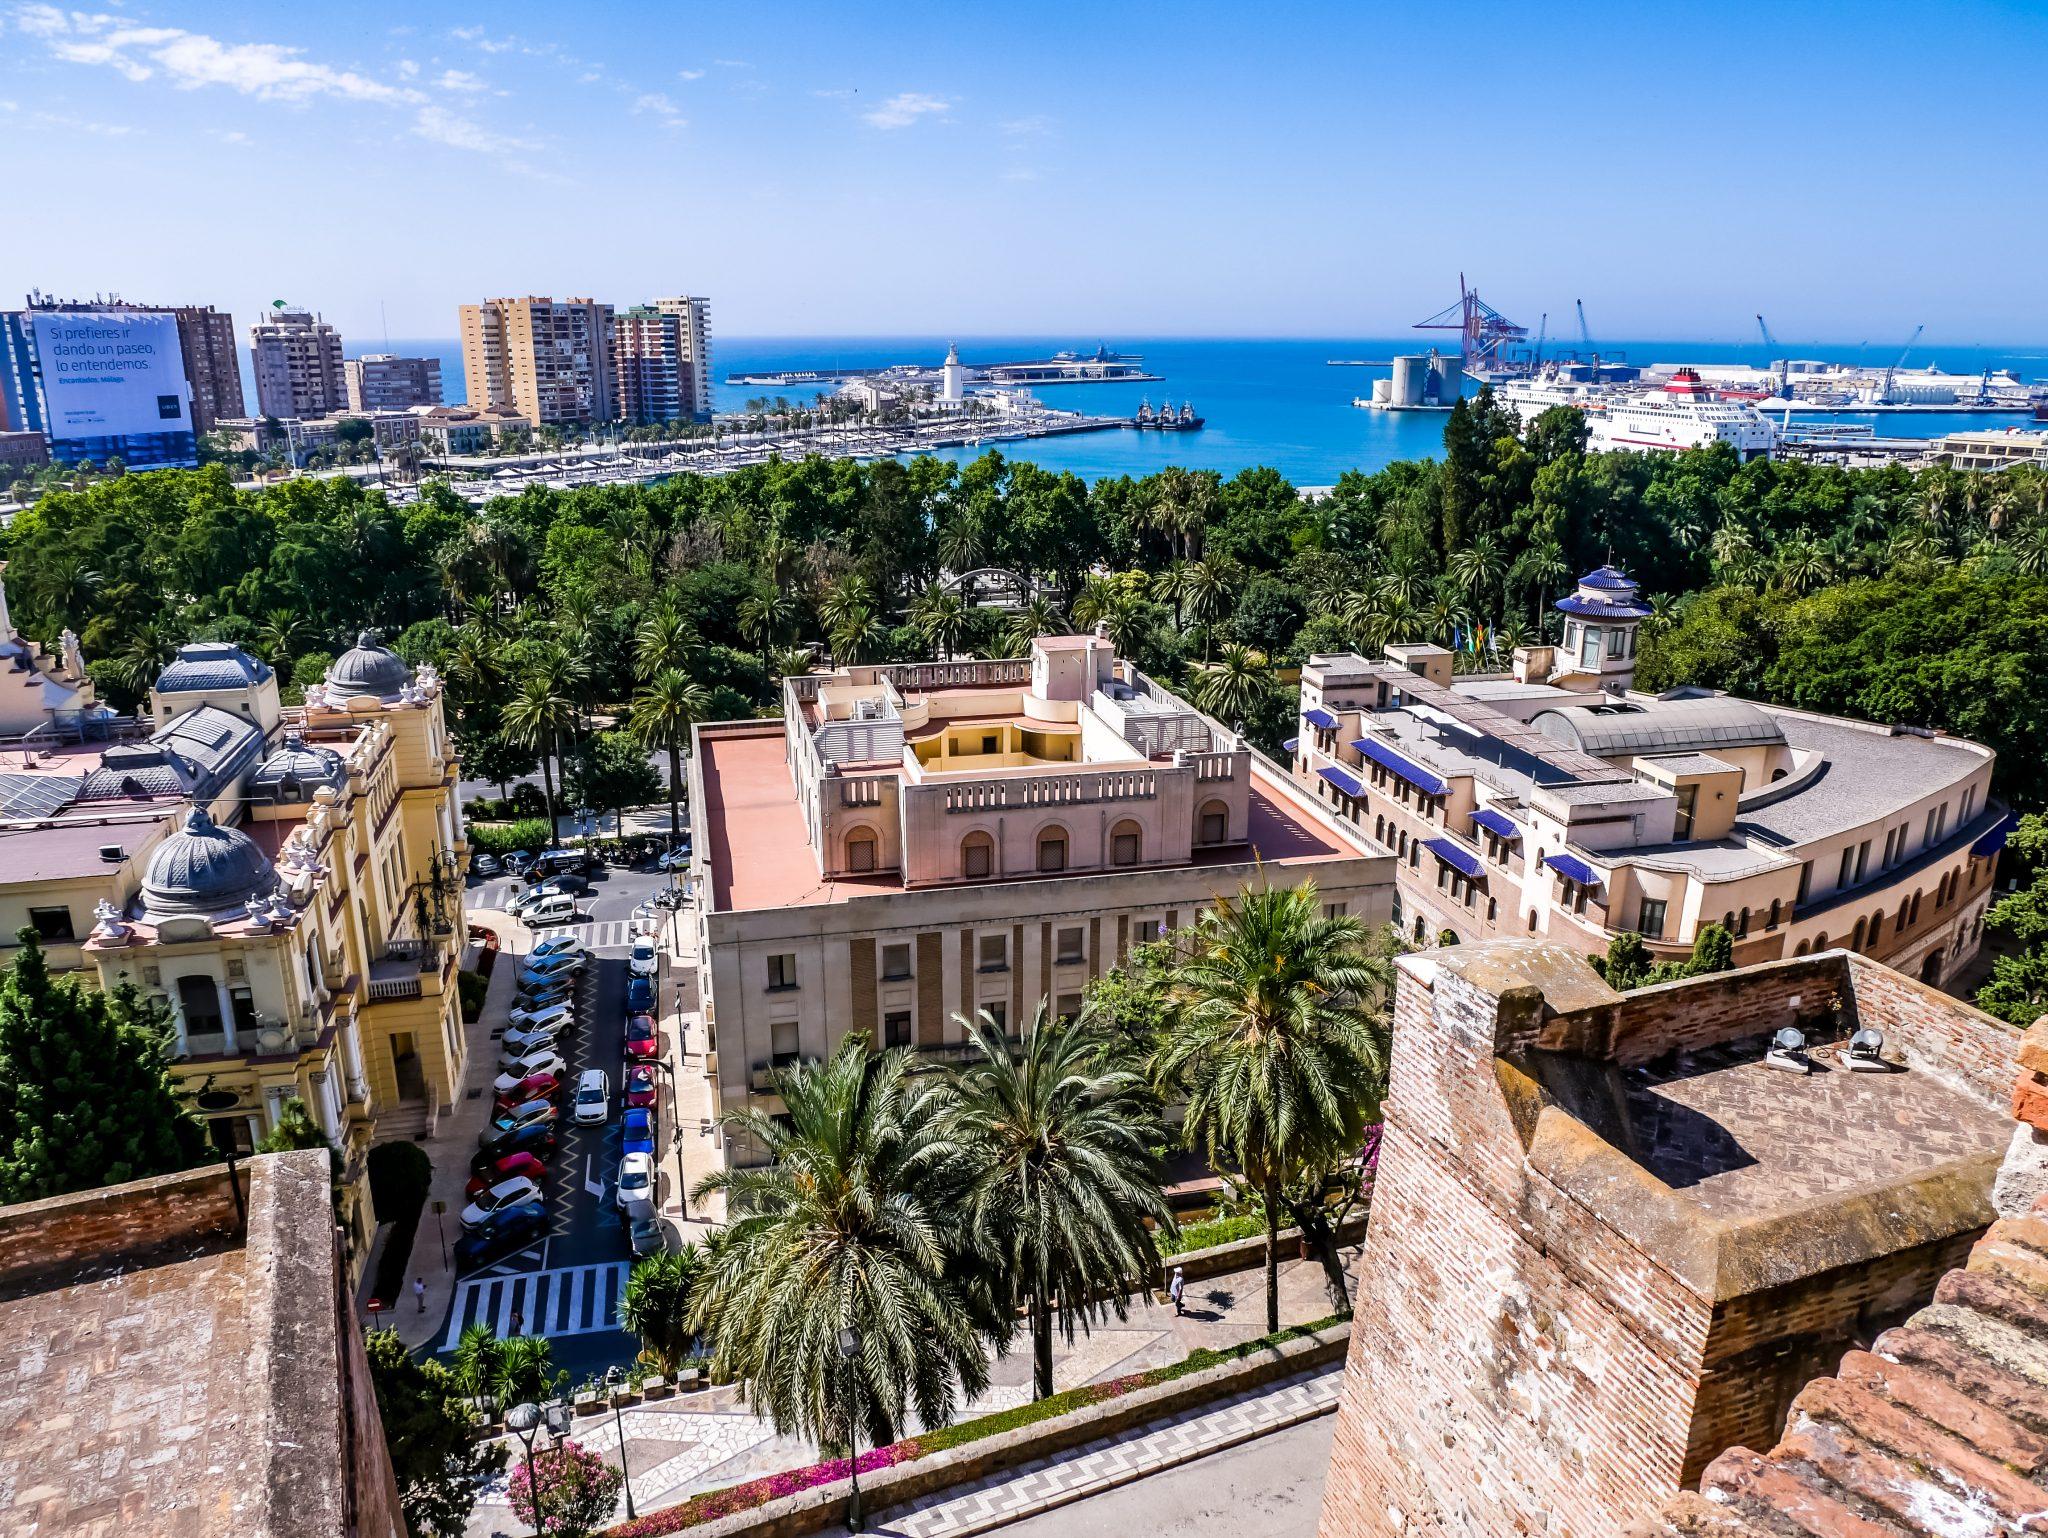 Du wirst eine wunderschöne Aussicht auf den Hafen und die Stadt haben vom Alcazaba in Malaga.